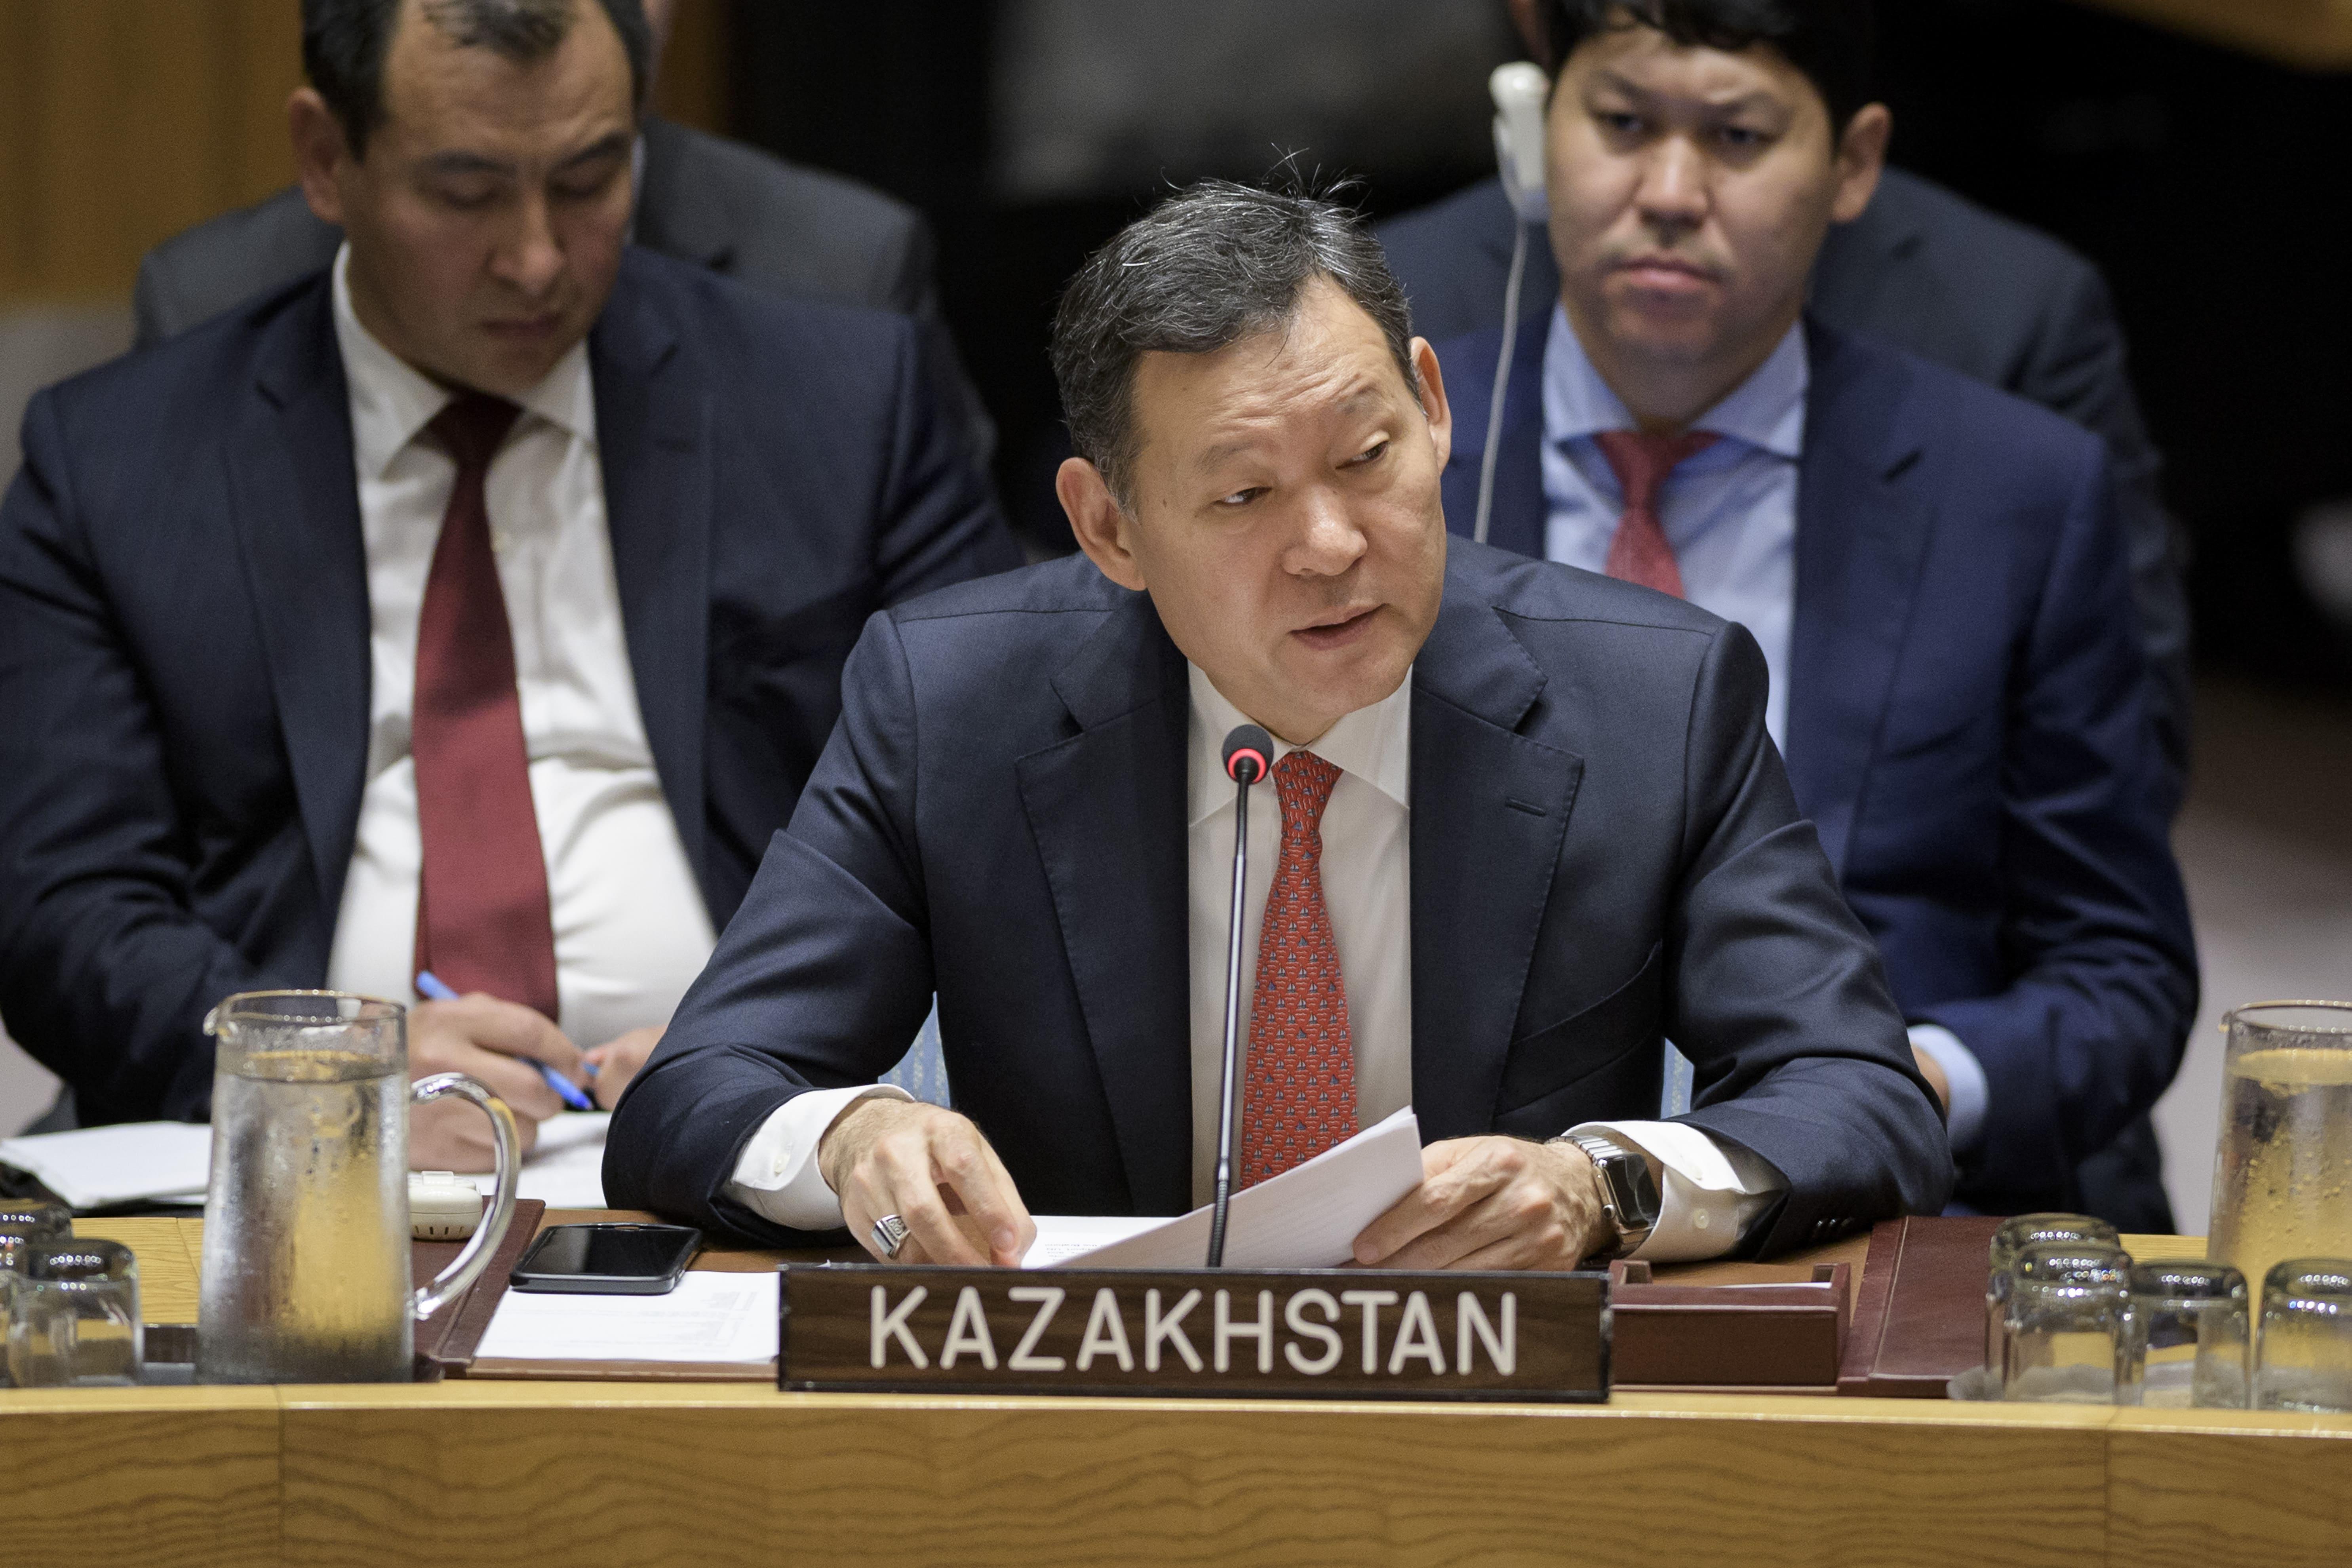 Казахстан намерен увеличить вклад в миротворческие операции ООН